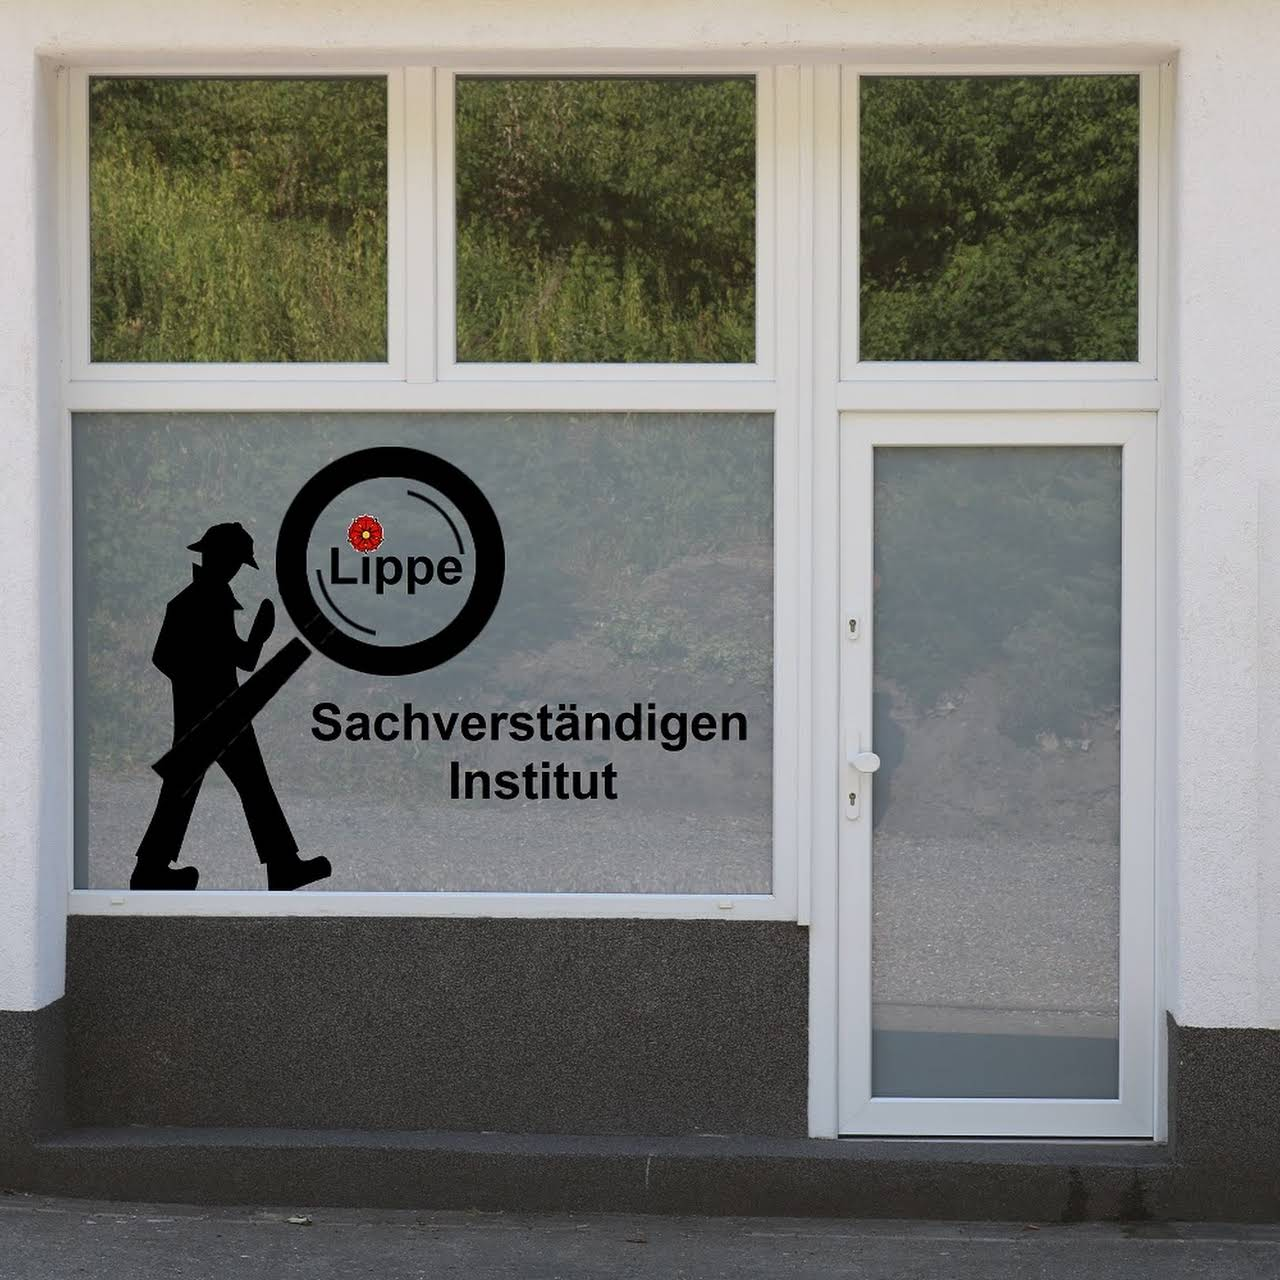 Image result for Sachverständigen Institut Herne